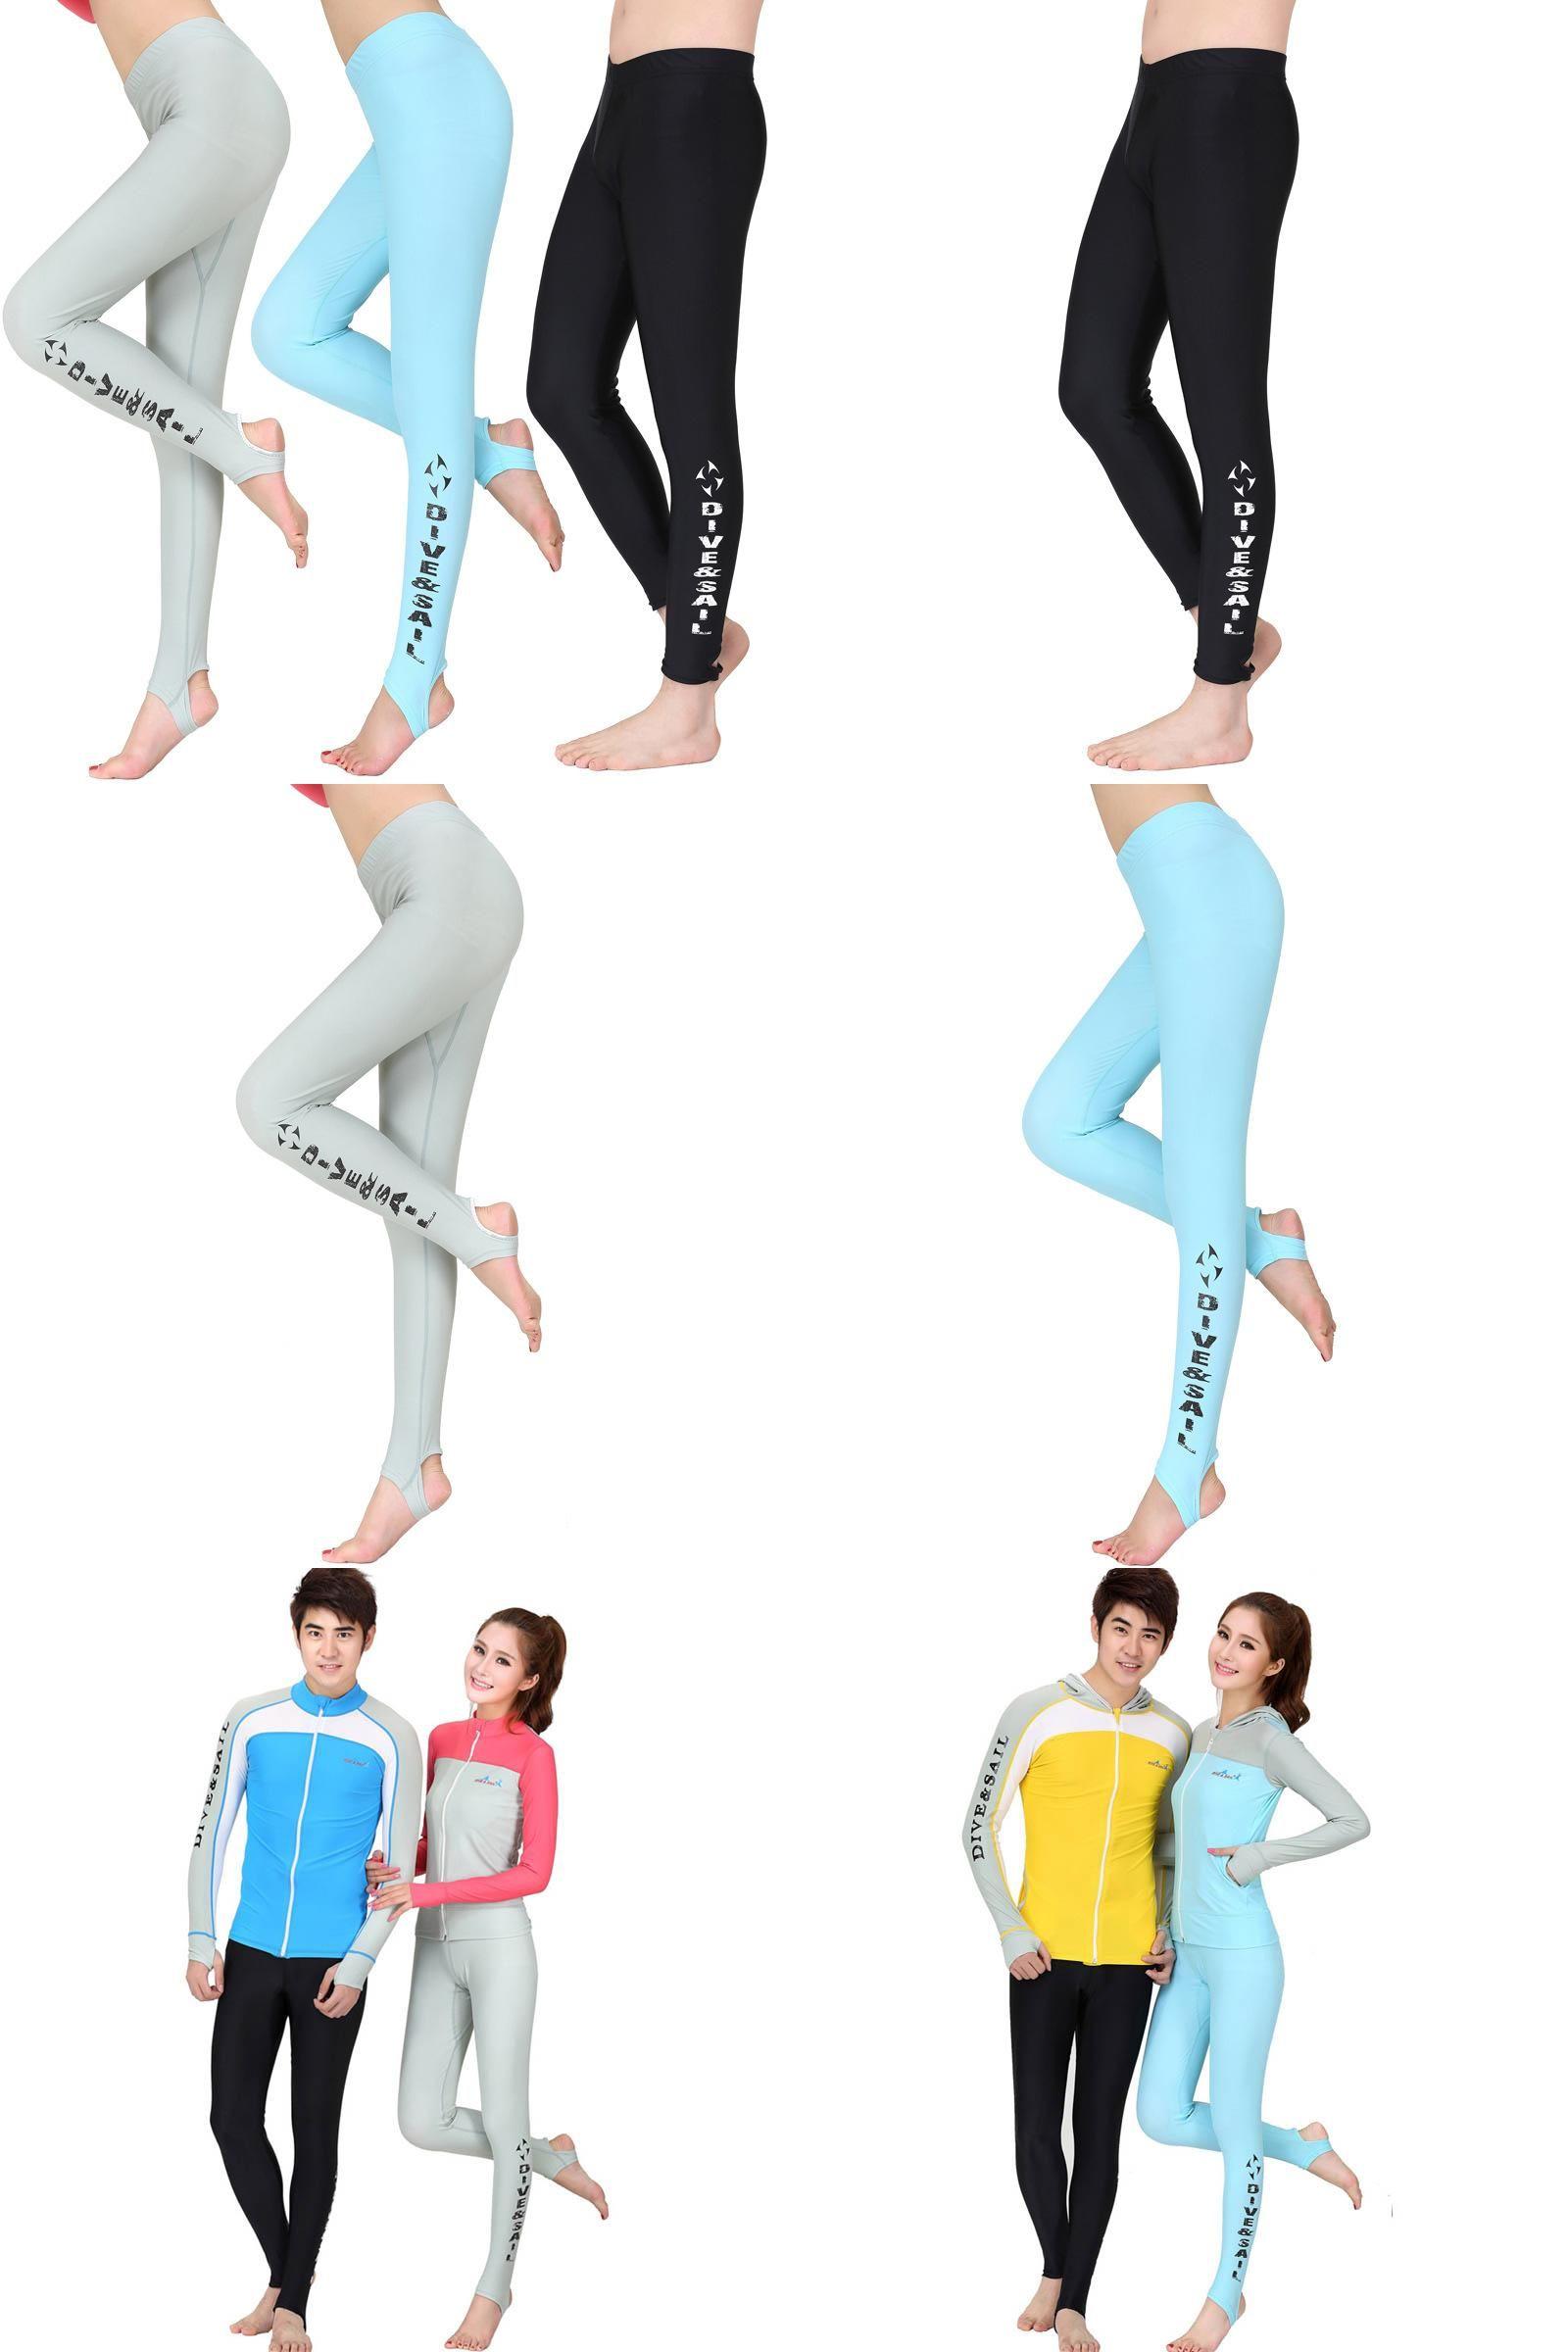 8274fc1914  Visit to Buy  DIVE SAIL Mens Surfing Wetsuit Women Swim Pants Wet Suit  Surf Swimwear